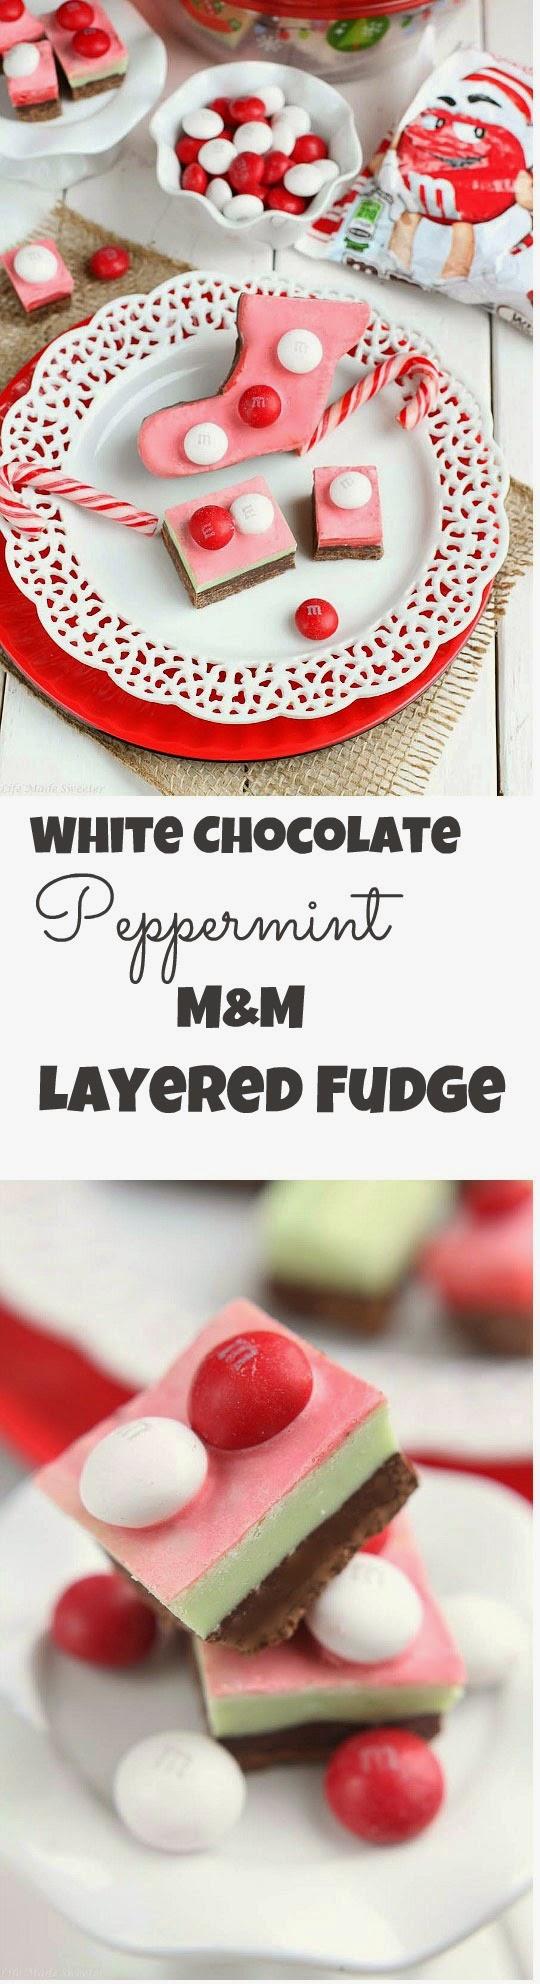 White-Chocolate-Peppermint-M&M-Layered-Fudge from @LifeMadeSweeter.jpg